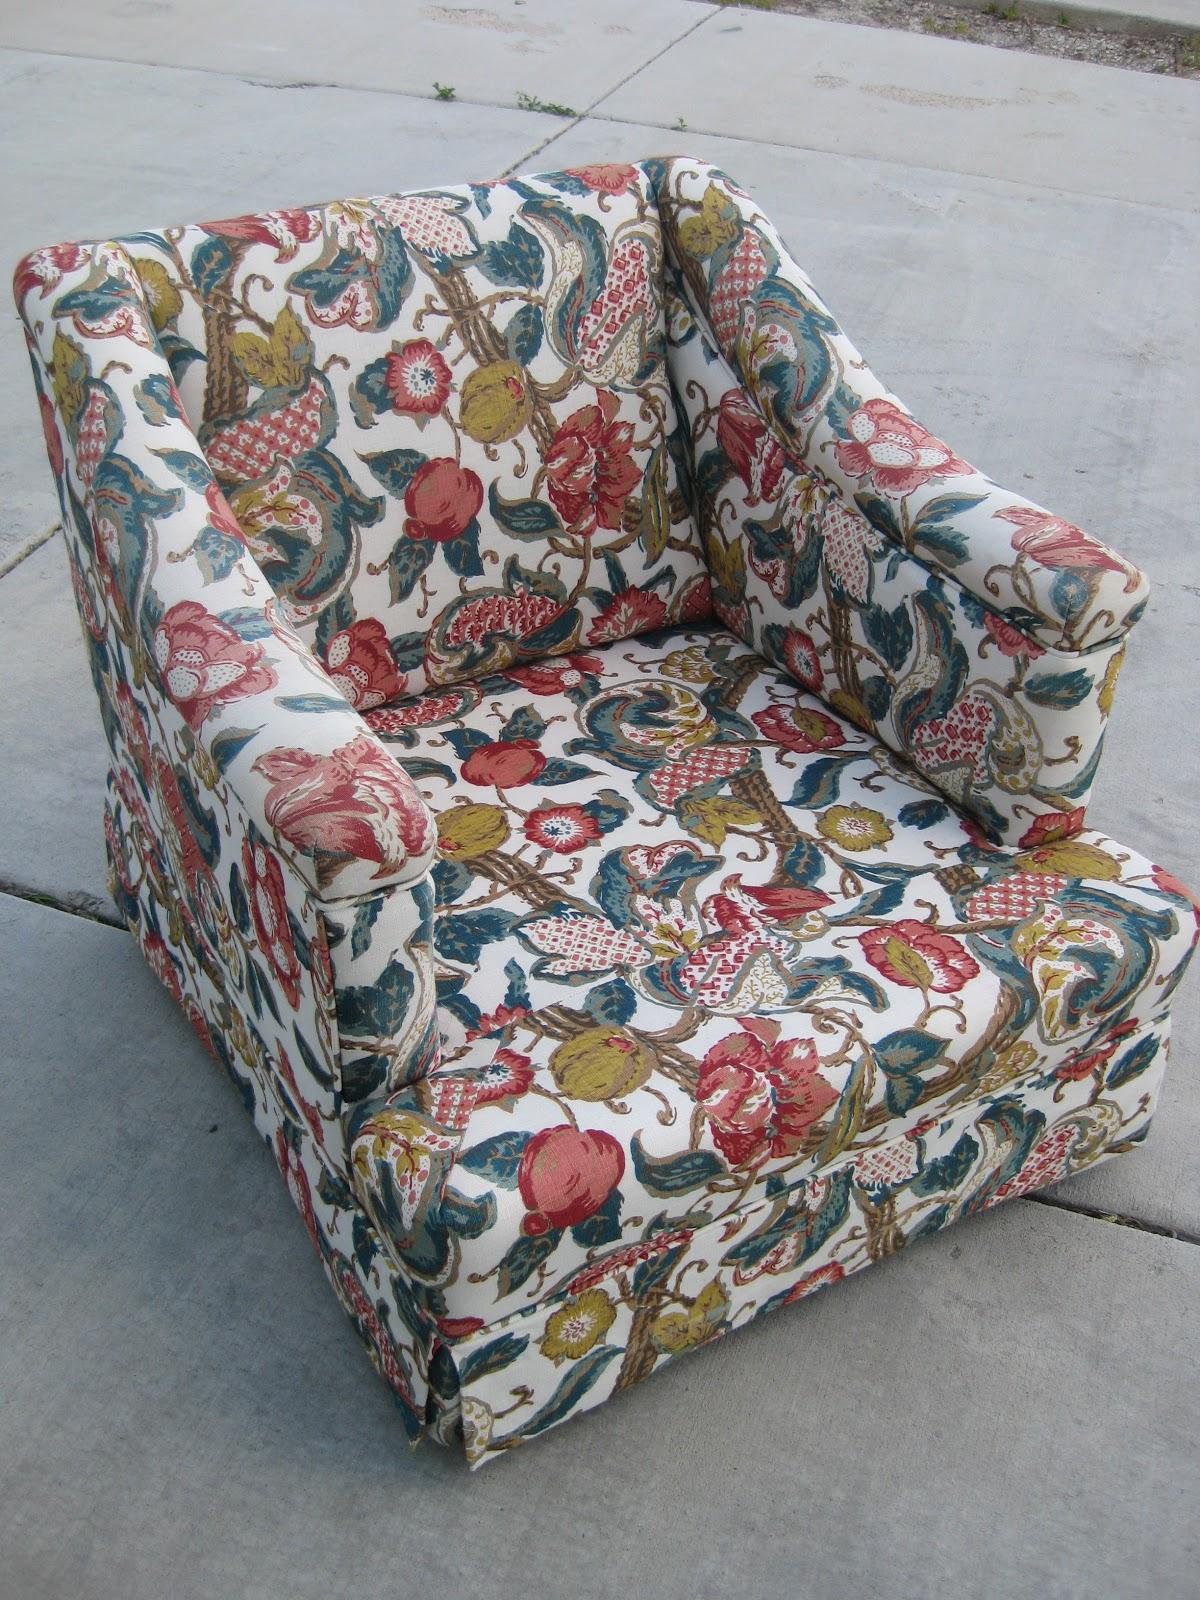 Sofa Slipcovers Pottery Barn   Slipcovered Furniture   Ethan Allen Slipcovers